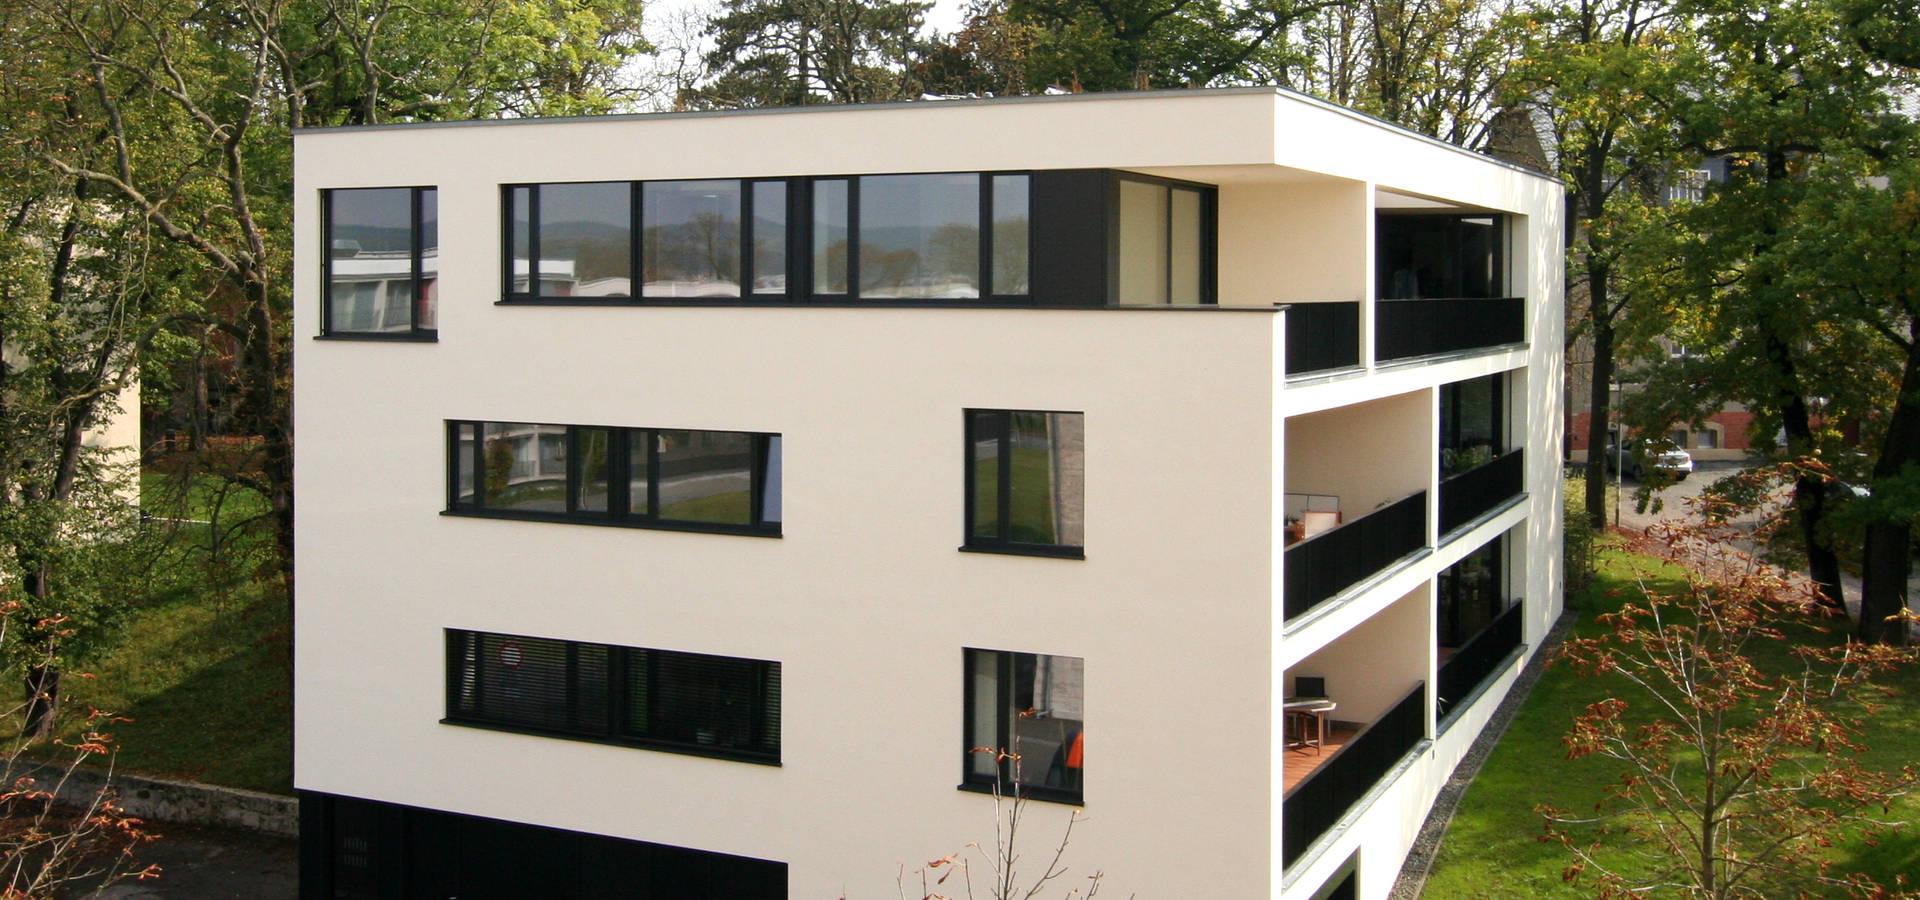 Bauer architektur architekten in weimar homify - Architektur weimar ...